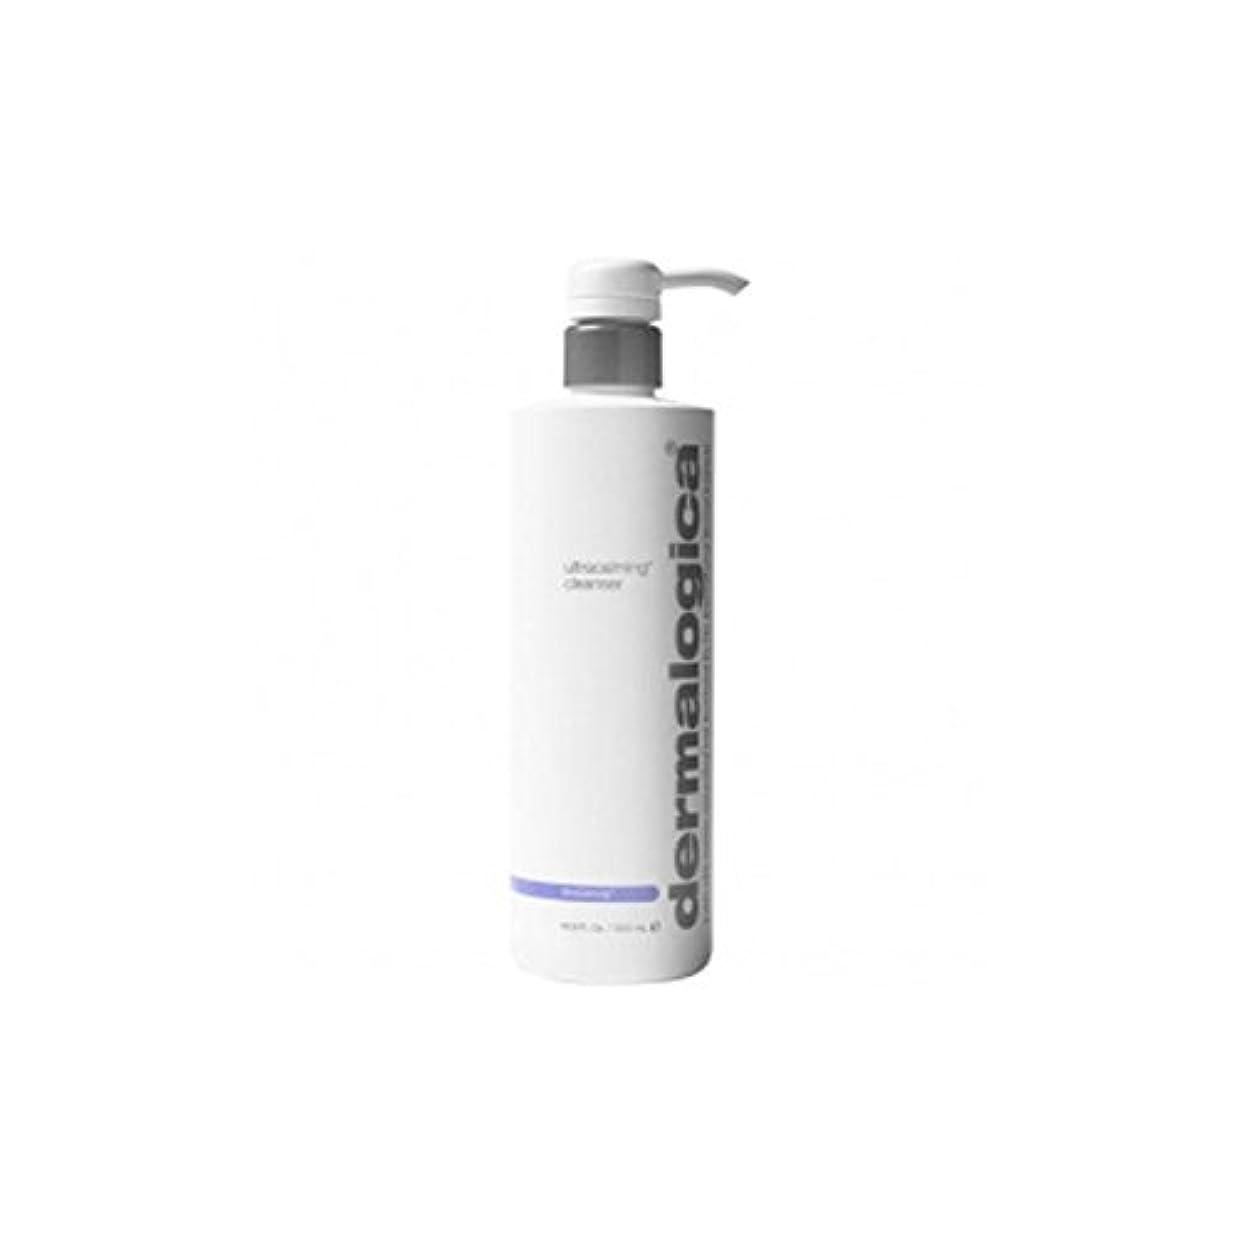 決定するガス変換するダーマロジカクレンザー(500ミリリットル) x2 - Dermalogica Ultracalming Cleanser (500ml) (Pack of 2) [並行輸入品]